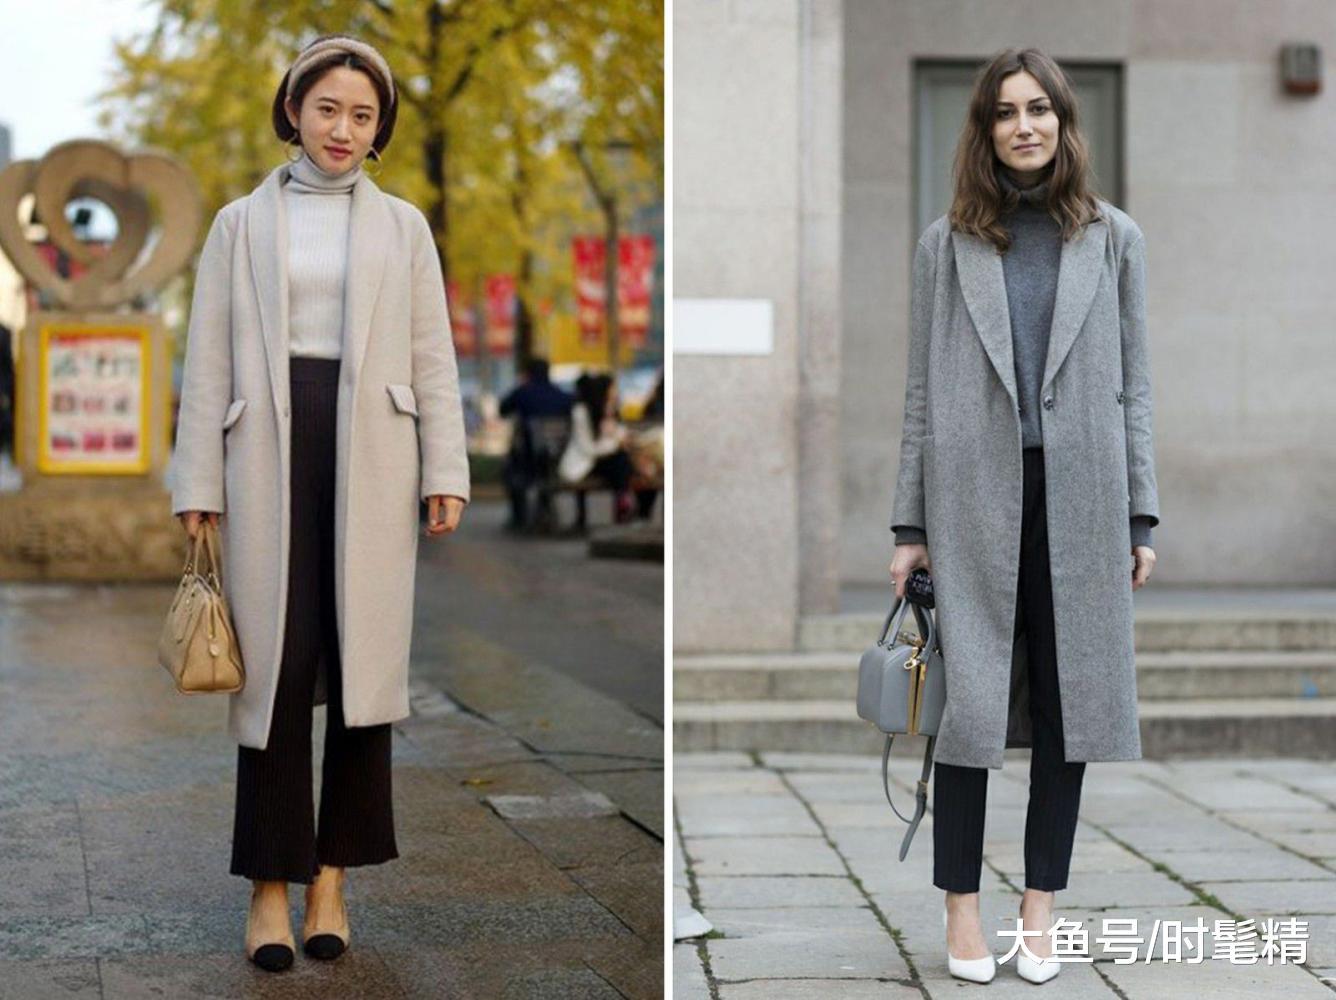 """身高不到160的女人,穿长外套切记""""3不要"""",穿错显矮没气质!"""